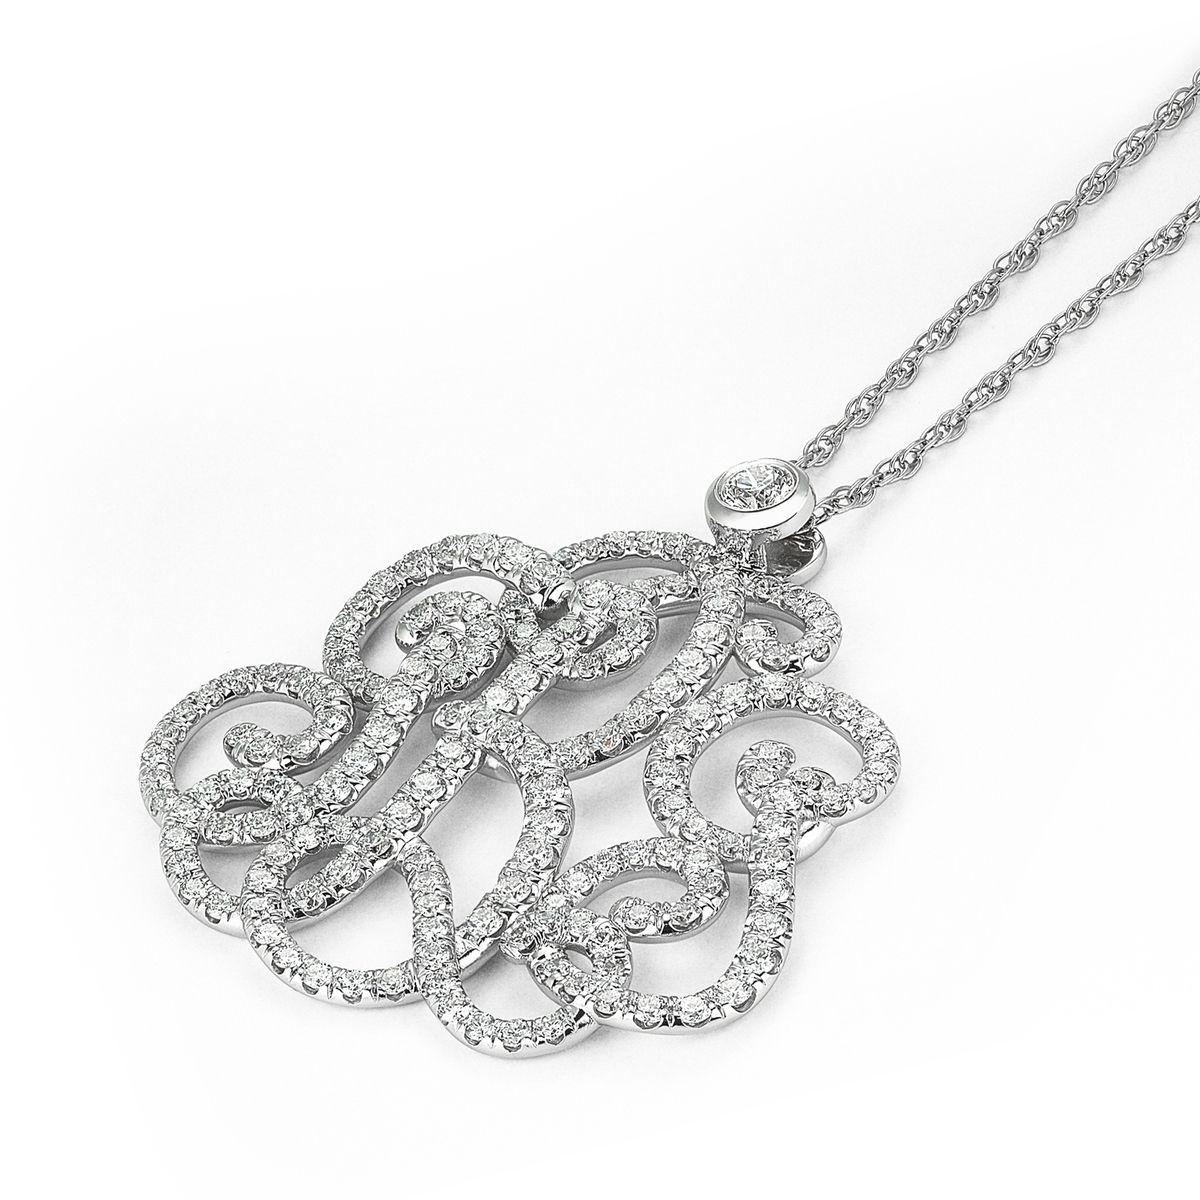 Hand crafted j b g initials monogram diamond pendant sewn custom made j b g initials monogram diamond pendant sewn together aloadofball Image collections